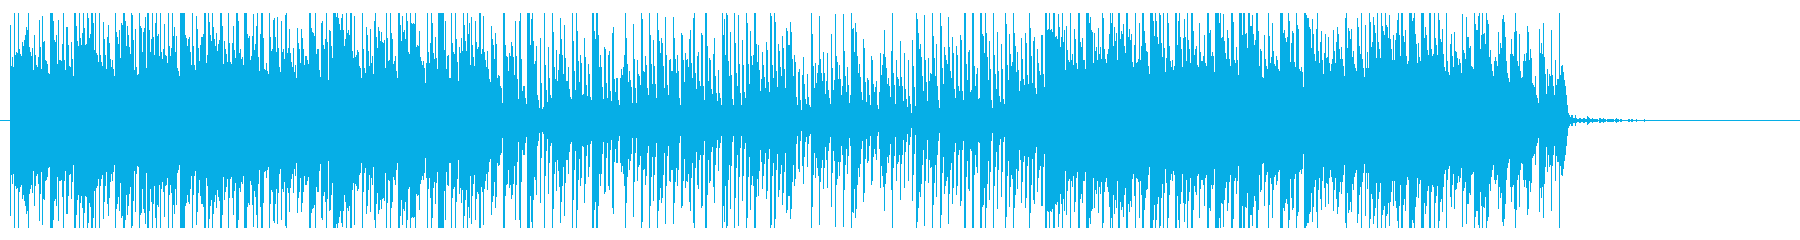 緊張感のあるエレクトリックアンビエントの再生済みの波形